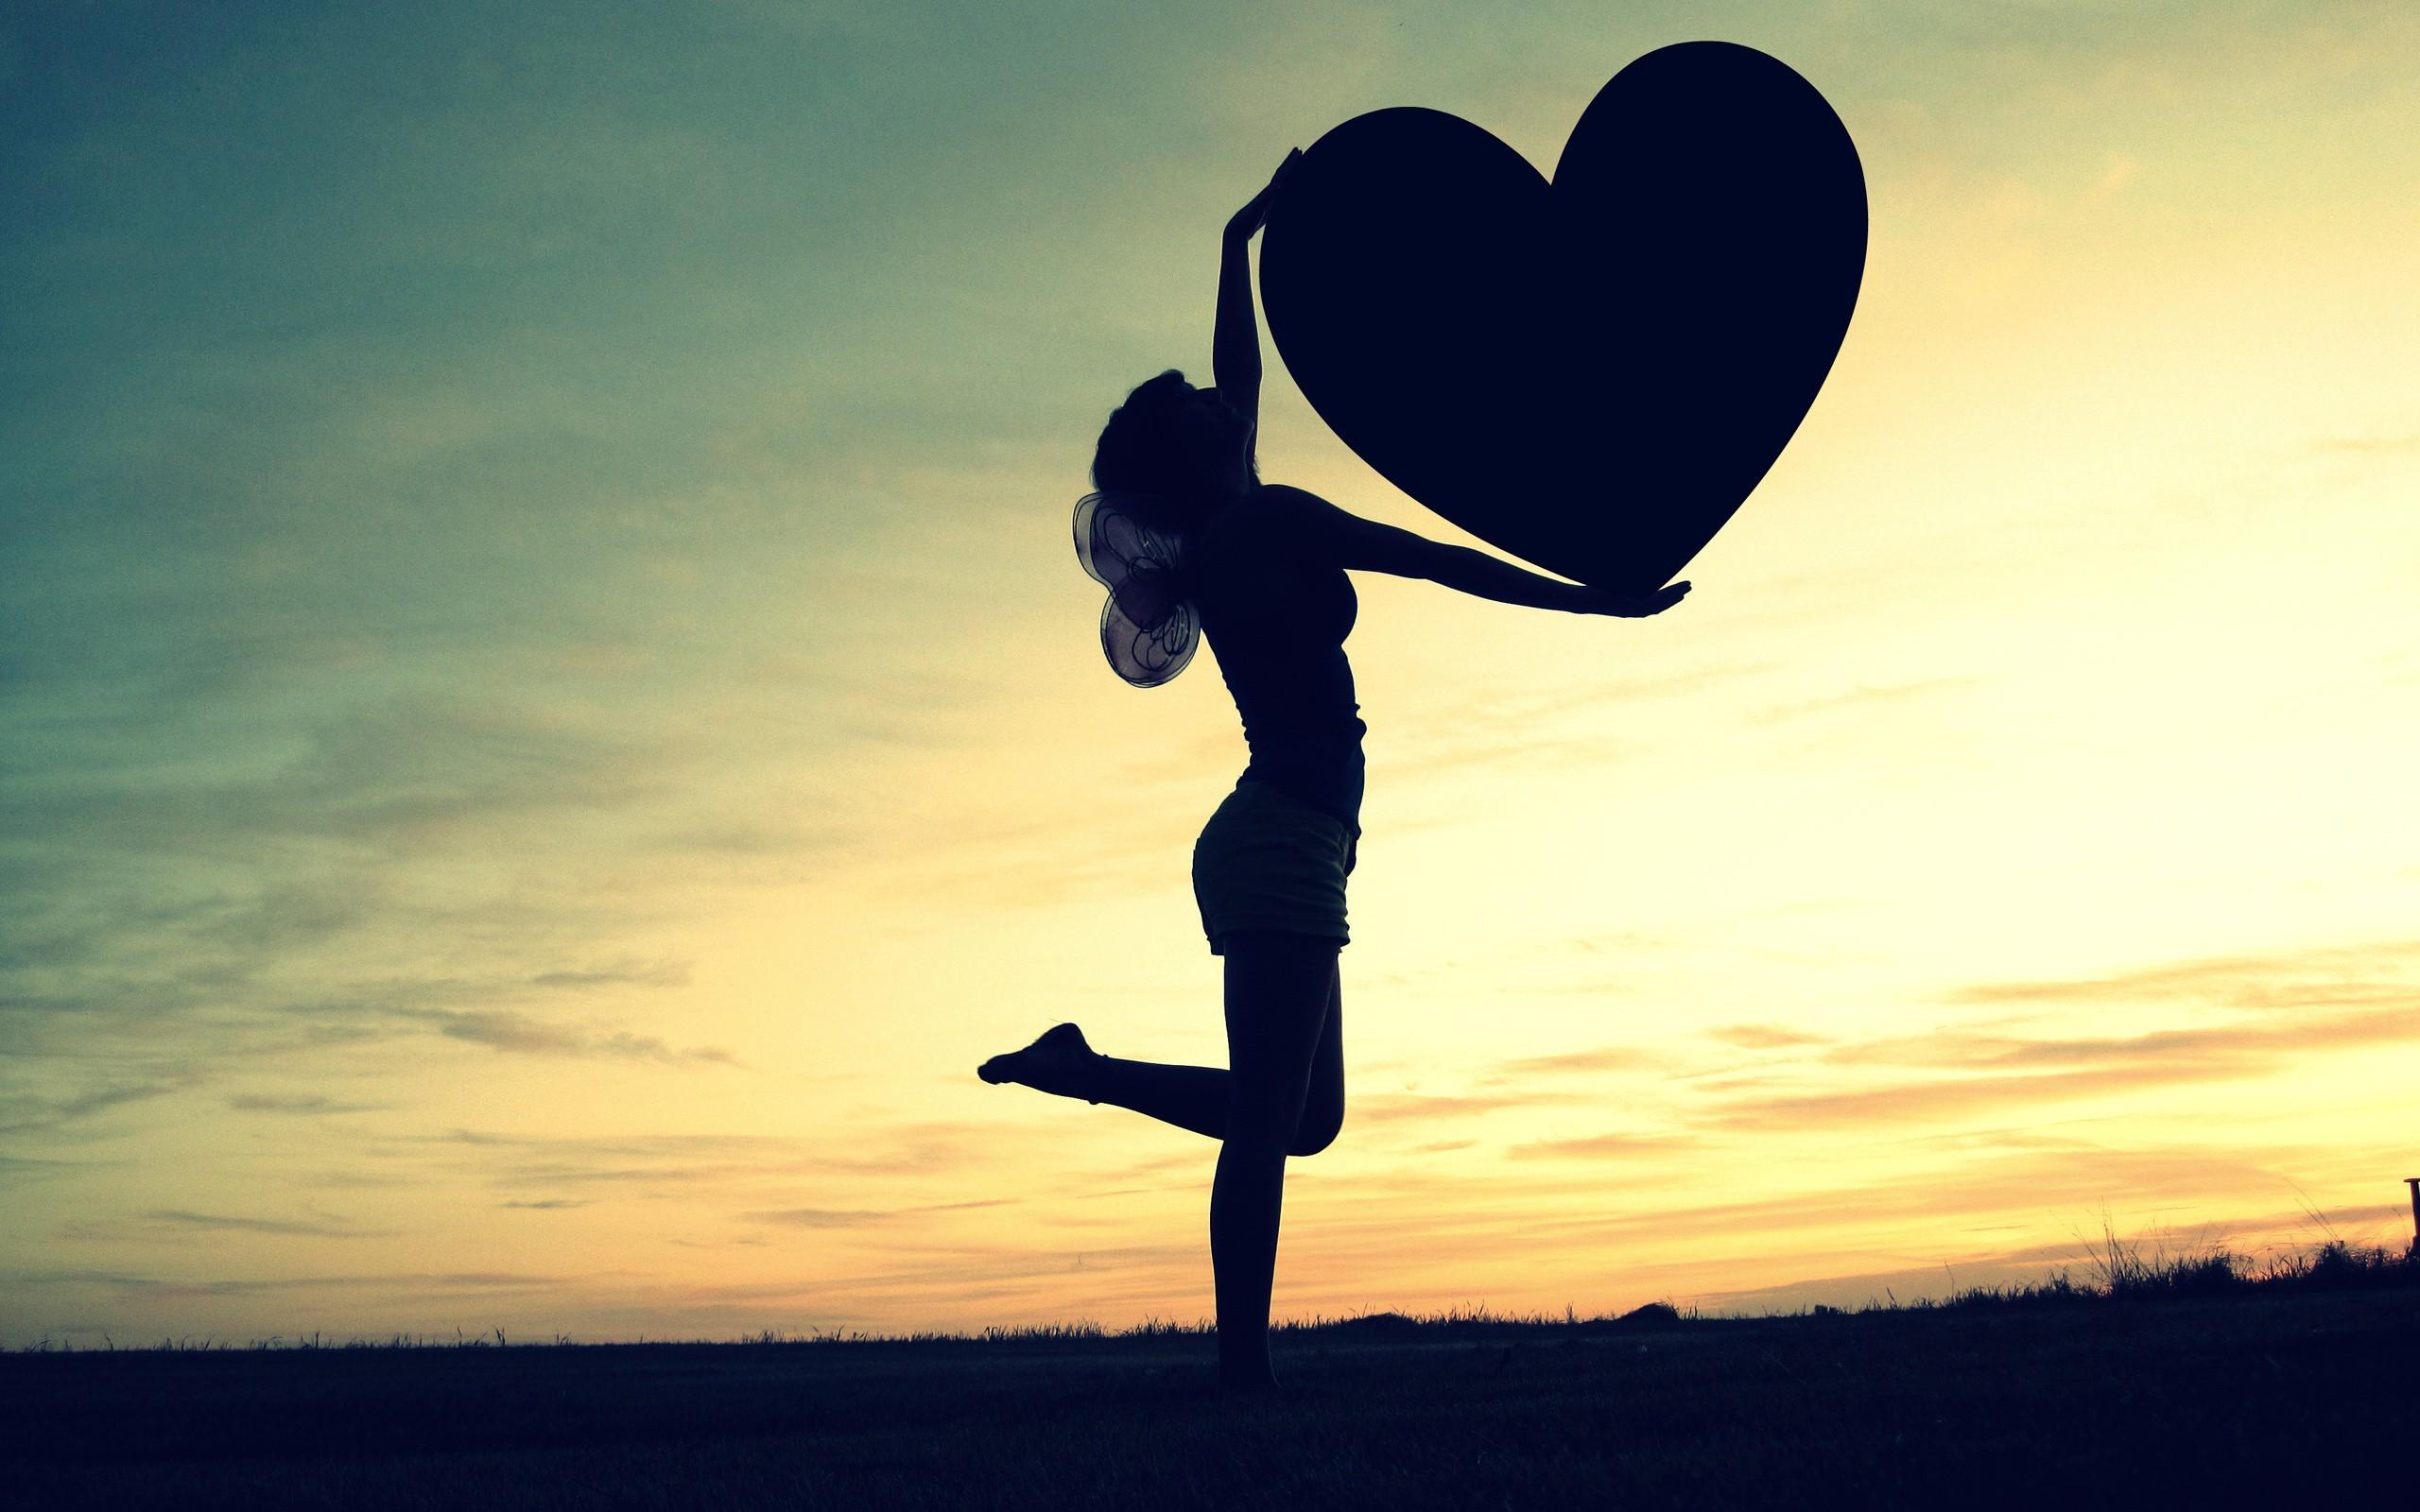 Silueta de una mujer y corazón - 2560x1600